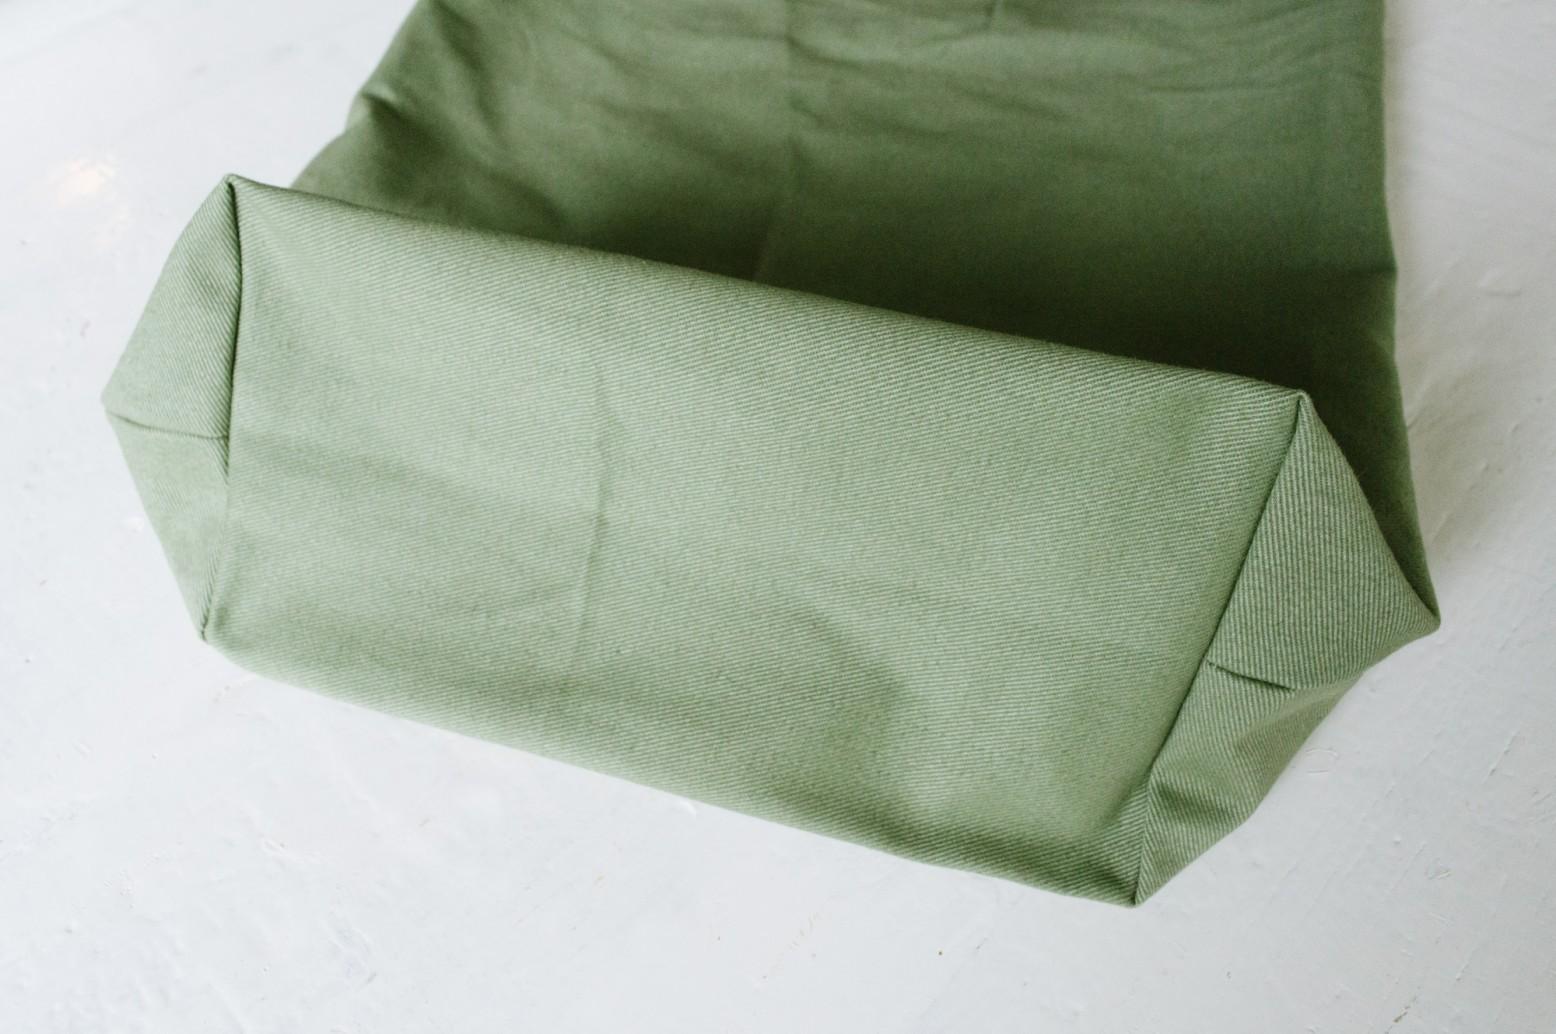 Cách may túi vải tại nhà - lật mặt phải túi ra ngoài